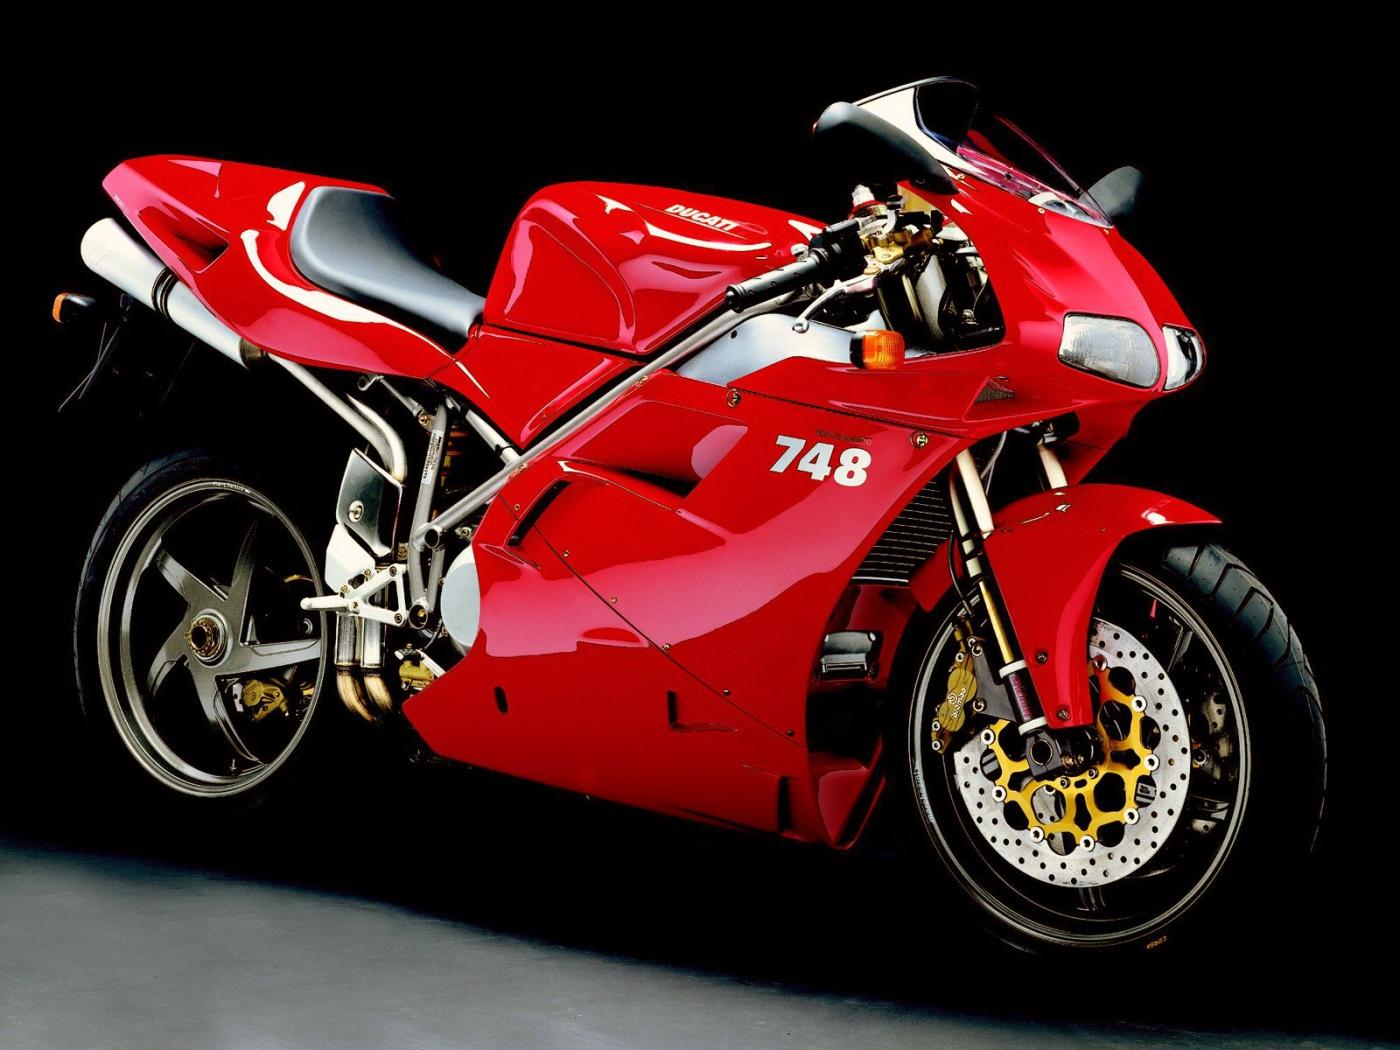 Ducati 748 Desktop Wallpapers 1400x1050